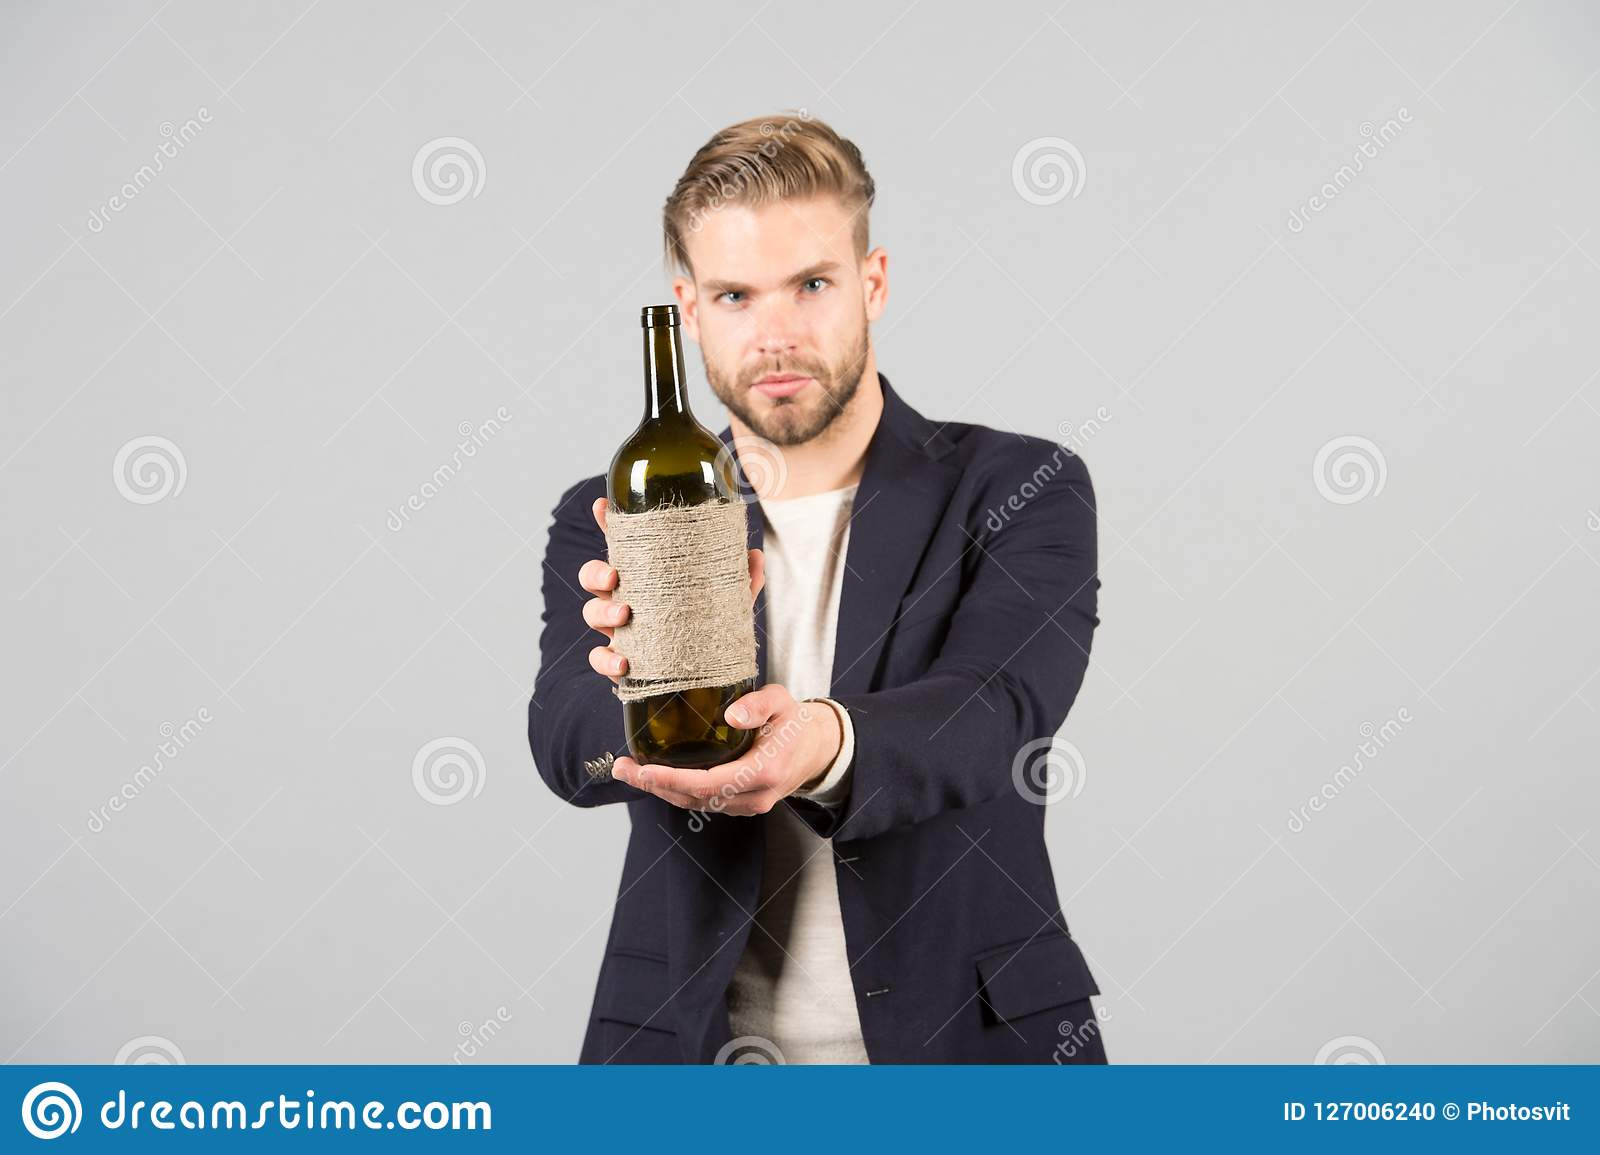 Du gillar att försöka detta Sommeliererbjudandeflaska av vin Yrkesmässigt vindegustationbegrepp Formell dräkt för man med